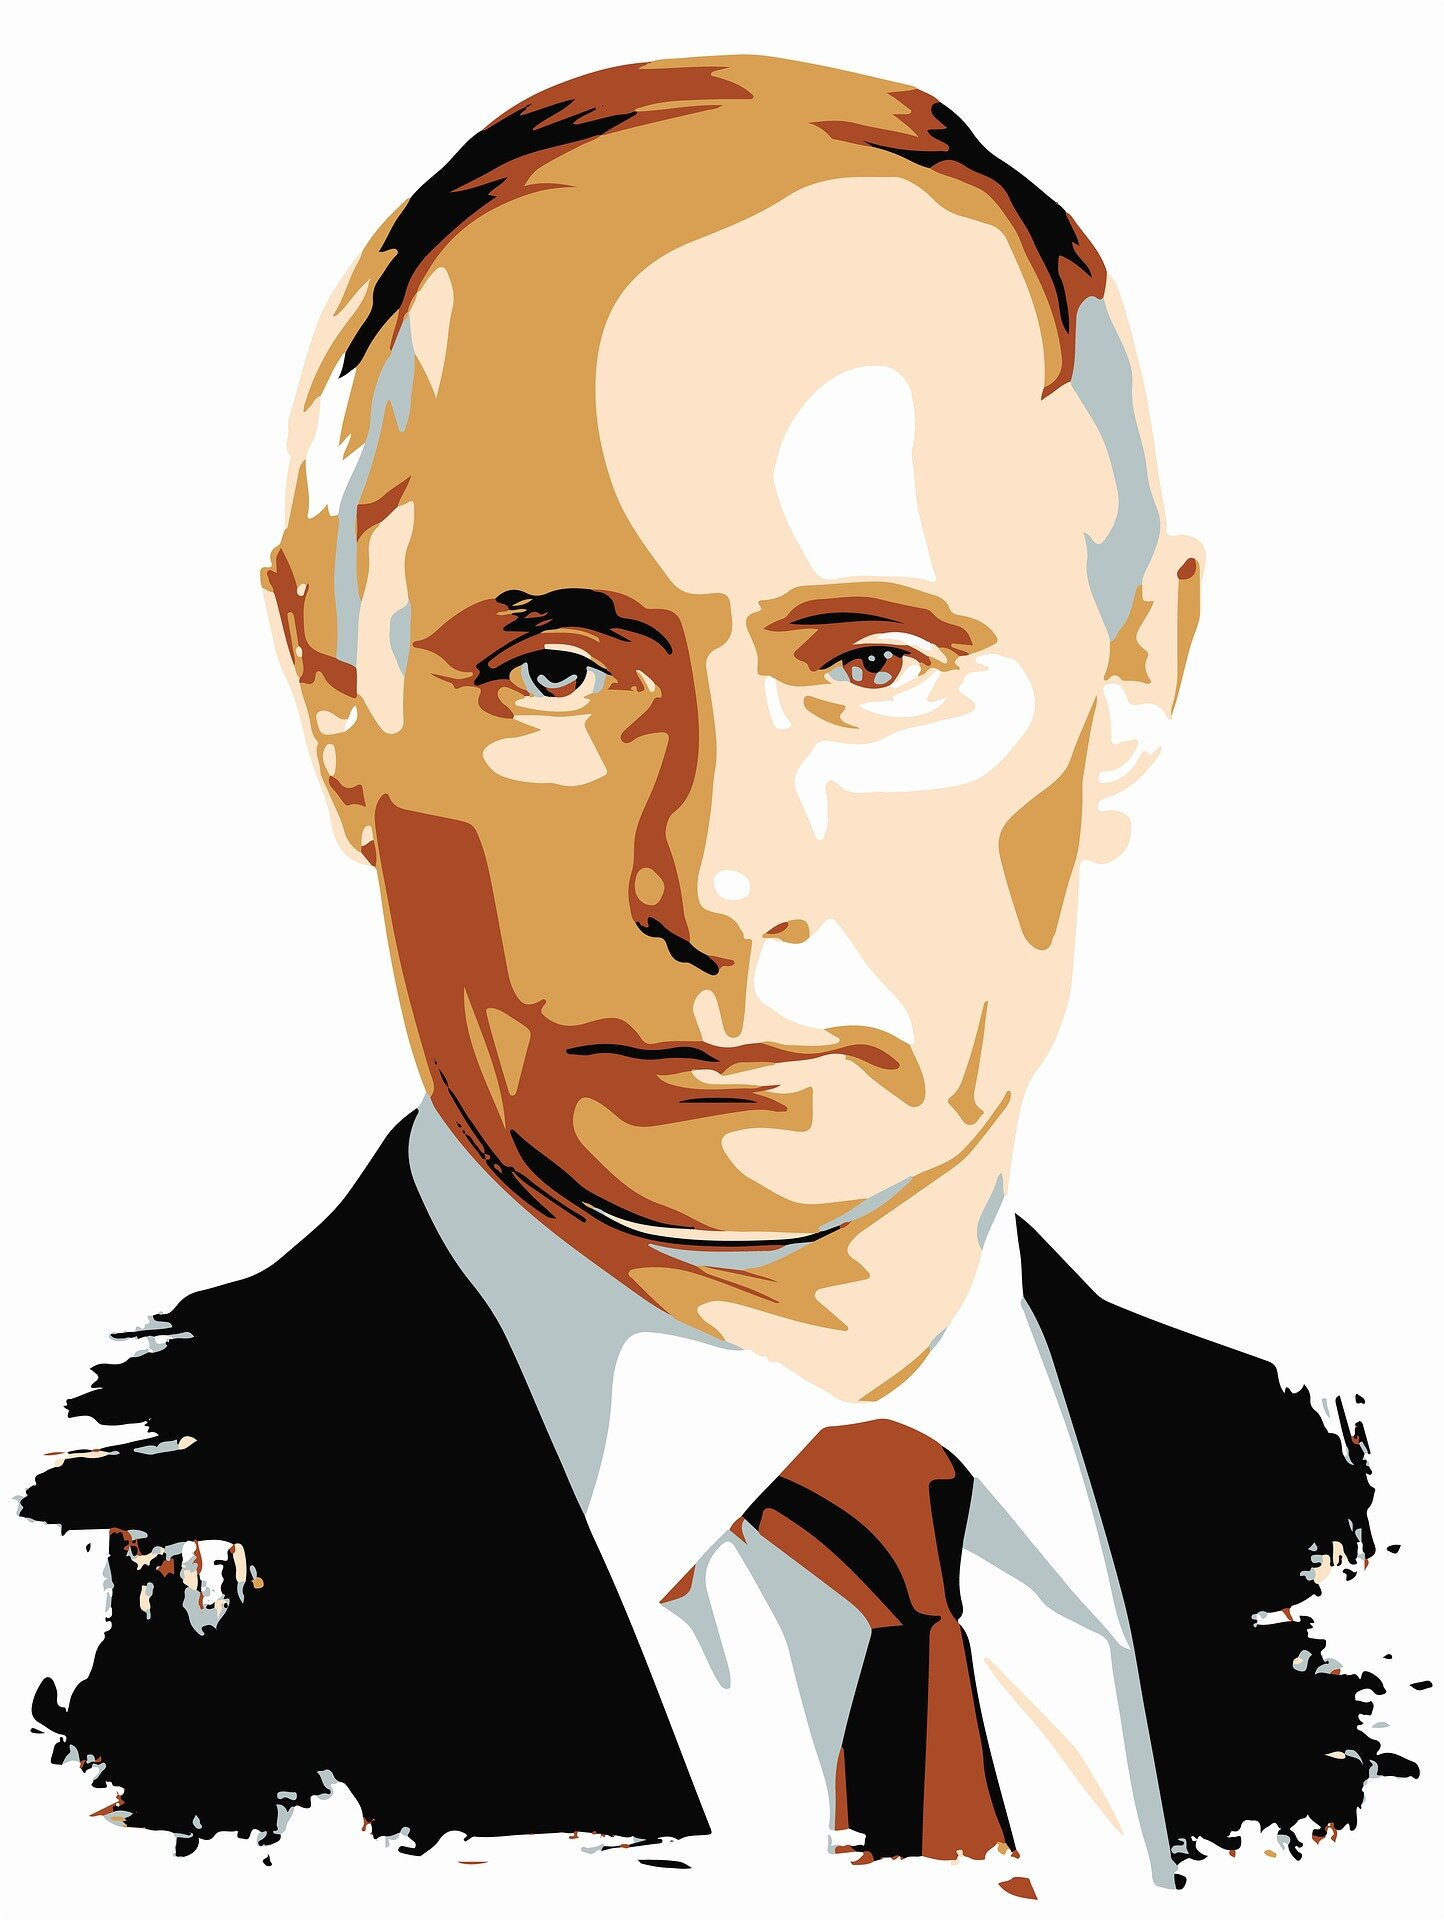 Putin reicht nicht-arbeiten-Frist bis Ende April zur Eindämmung der coronavirus